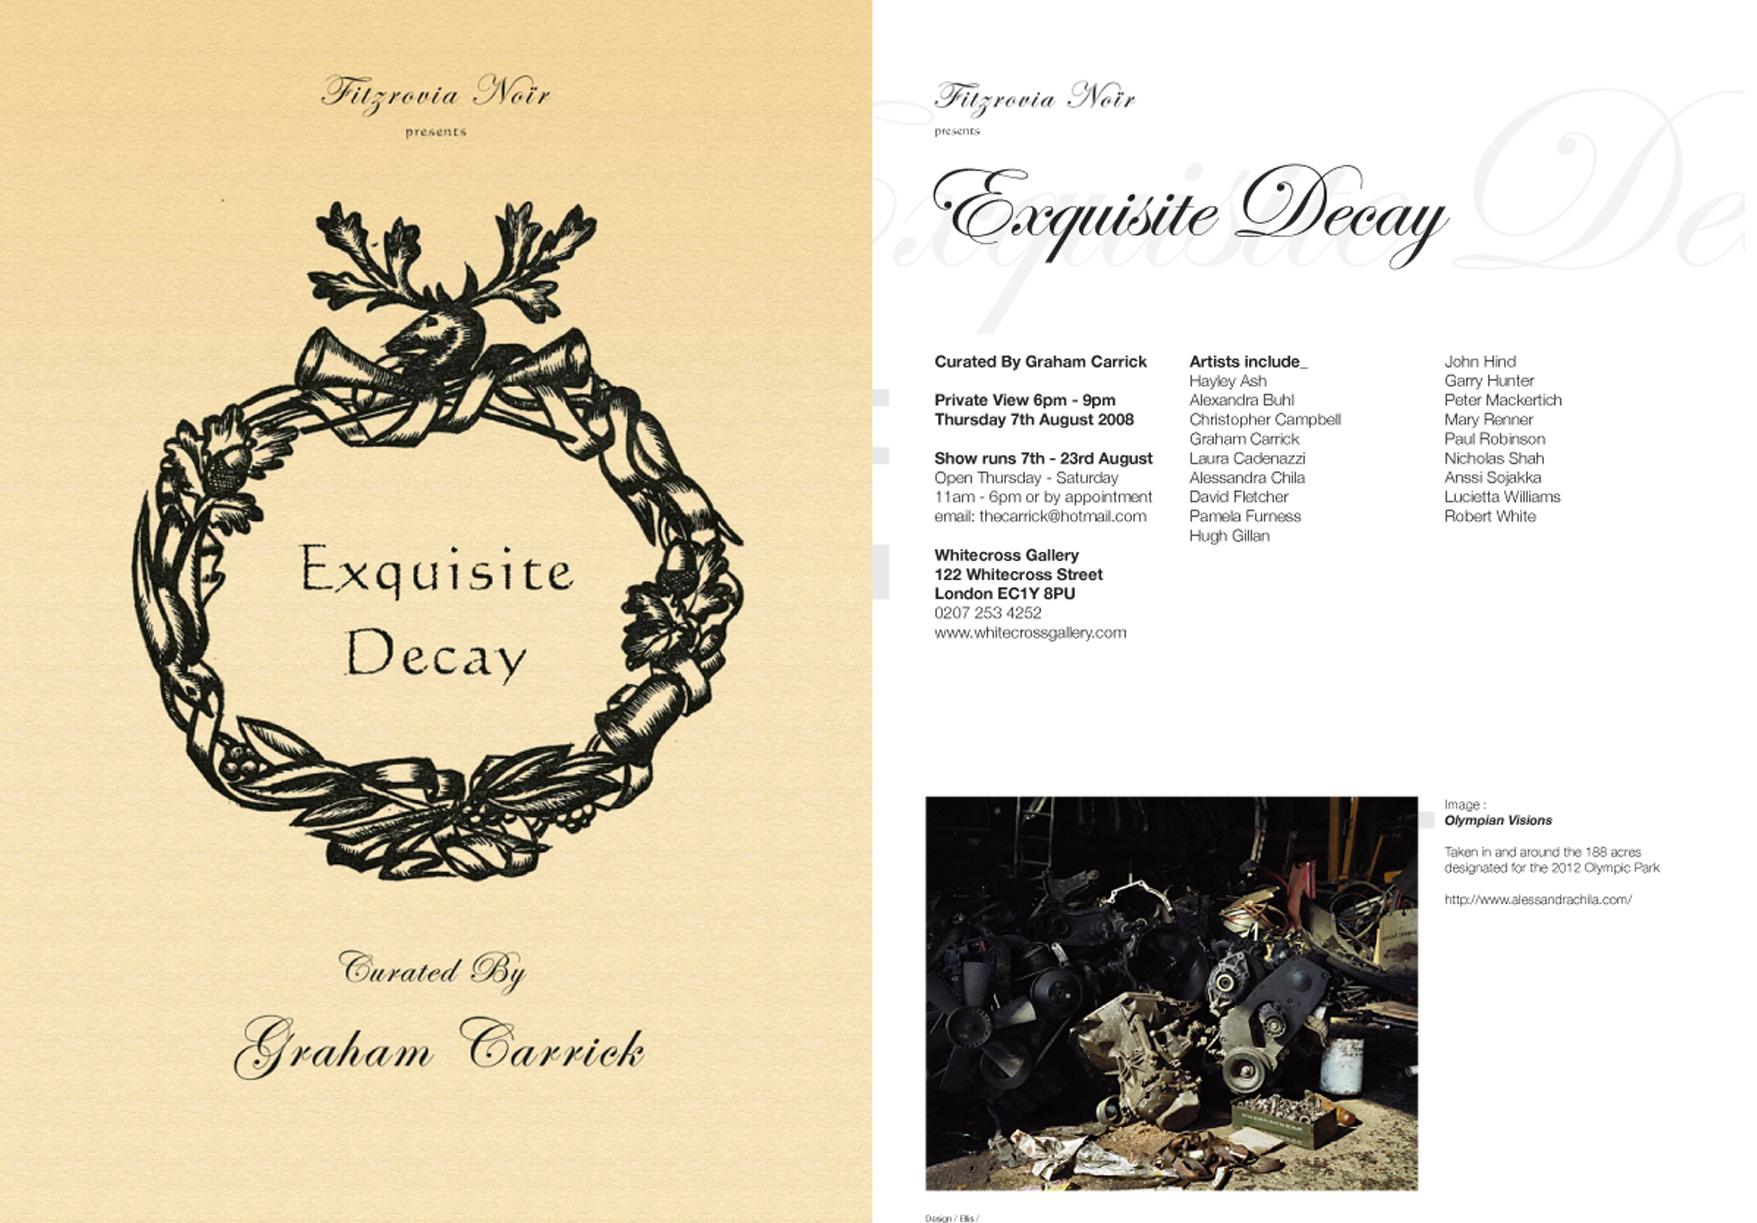 Exquisite Decay